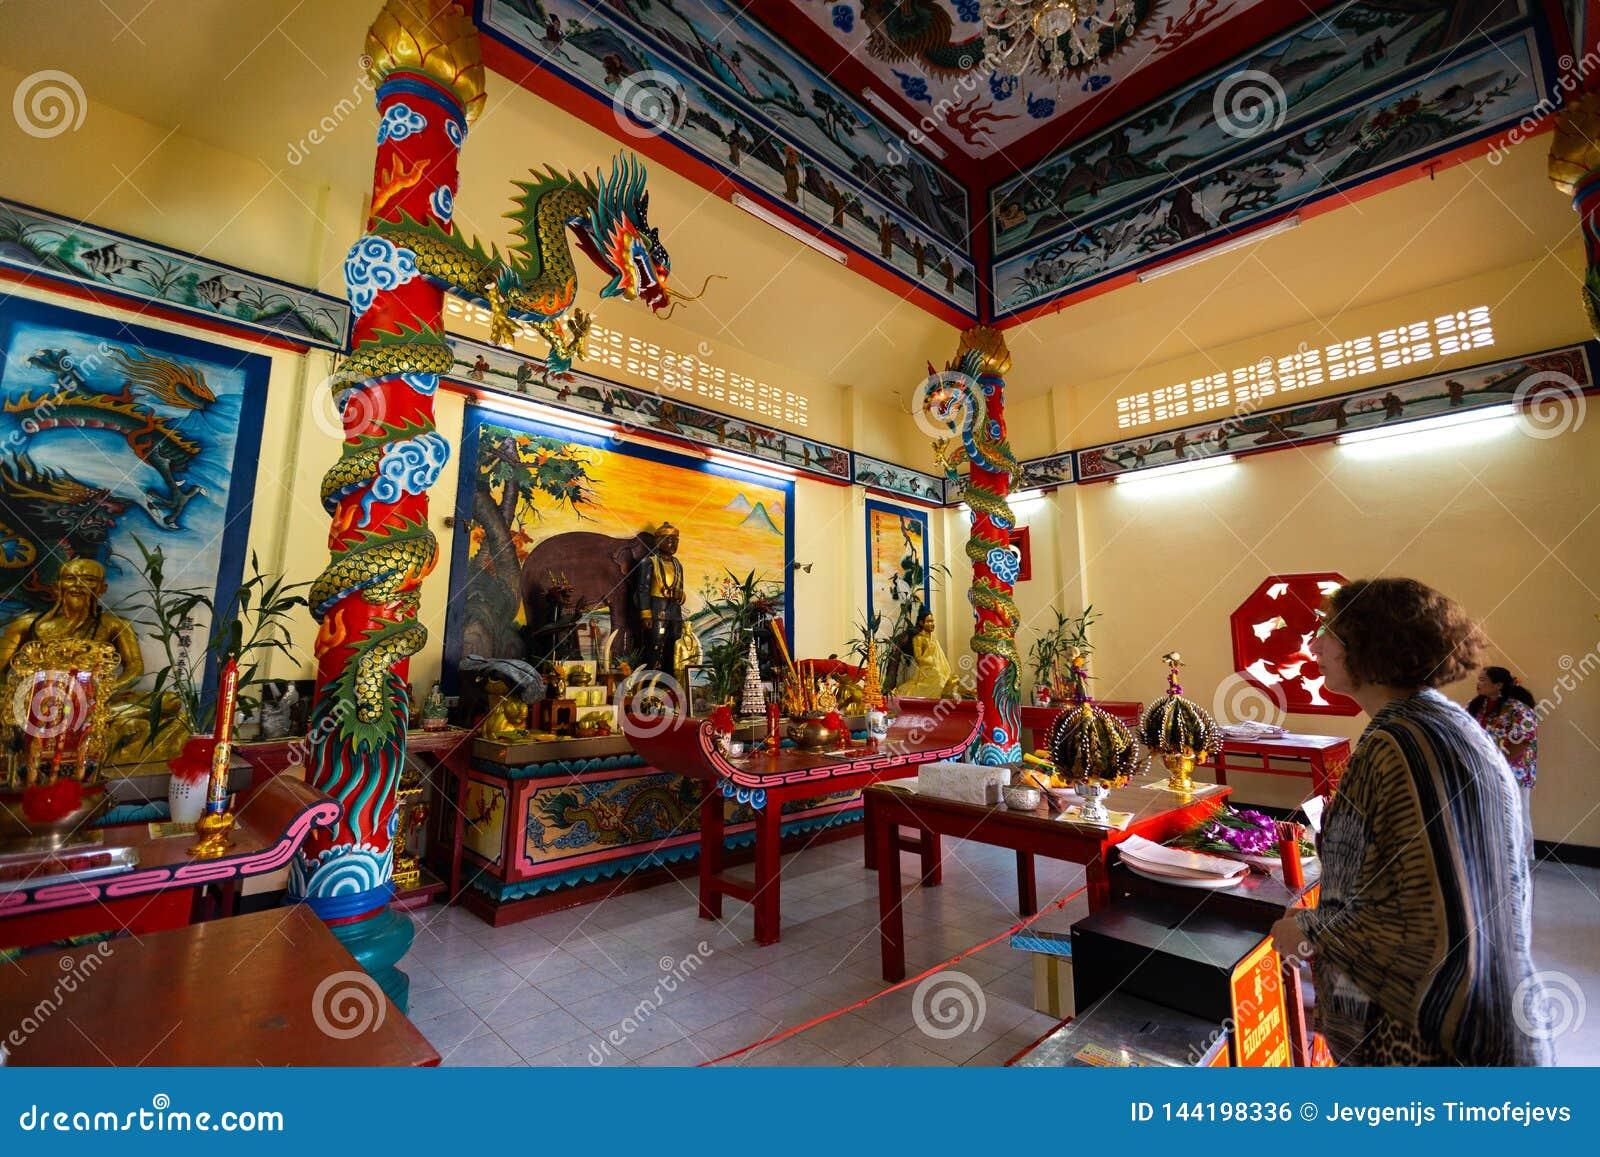 KO CHANG, ТАИЛАНД - 10-ОЕ АПРЕЛЯ 2018: Китайский висок buddist в северной области острова - иероглифы и картины